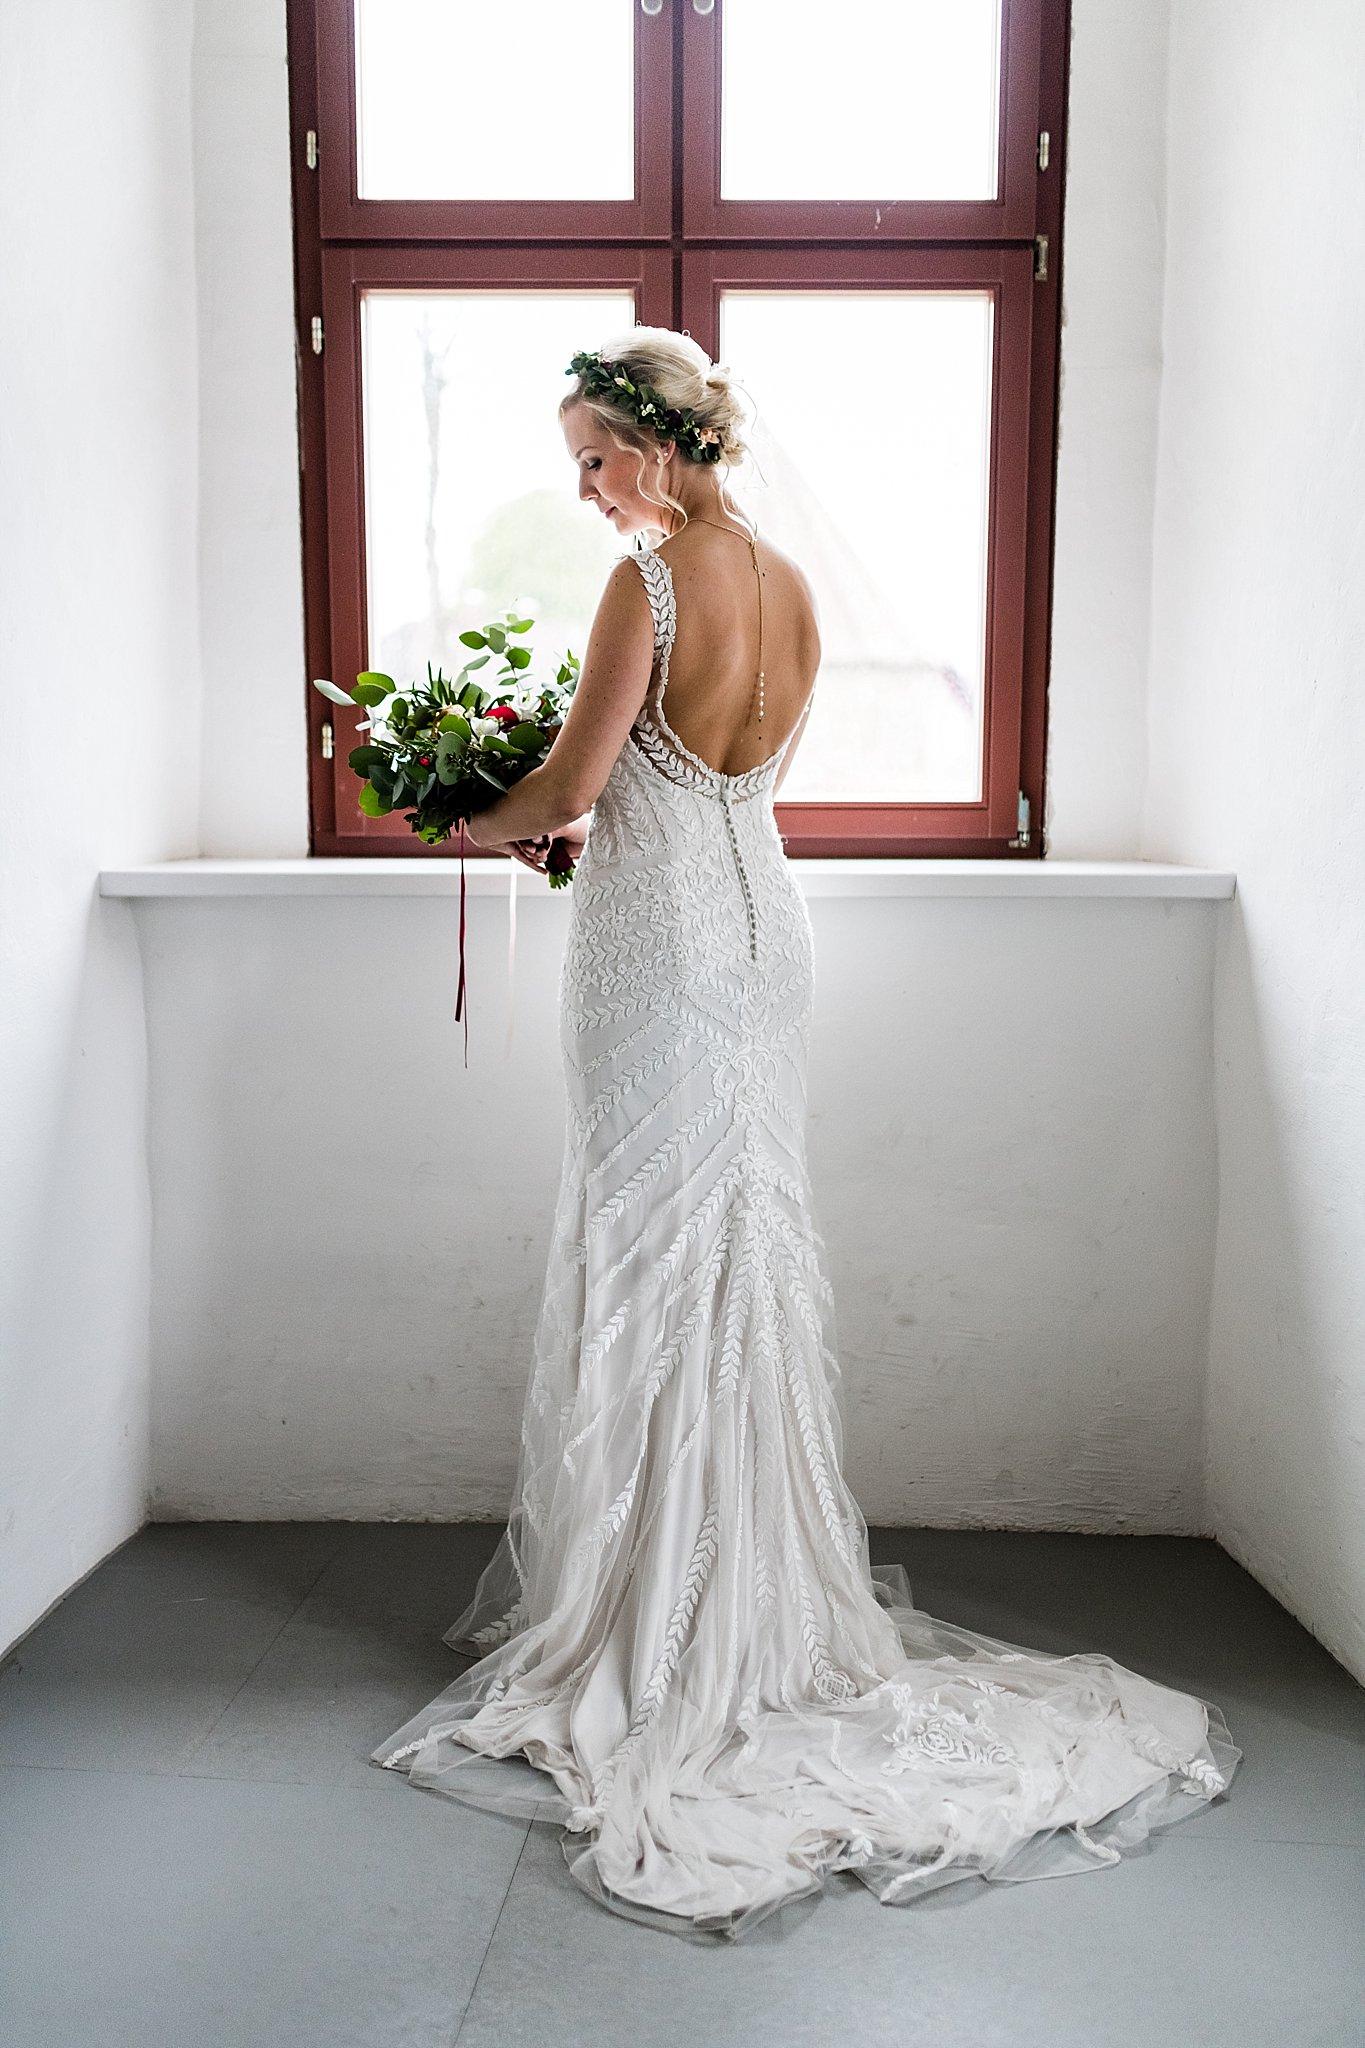 Hochzeit-von-Marina-Dominik-auf-Burg-Wernberg-und-Schloss-Friedrichsburg-00123